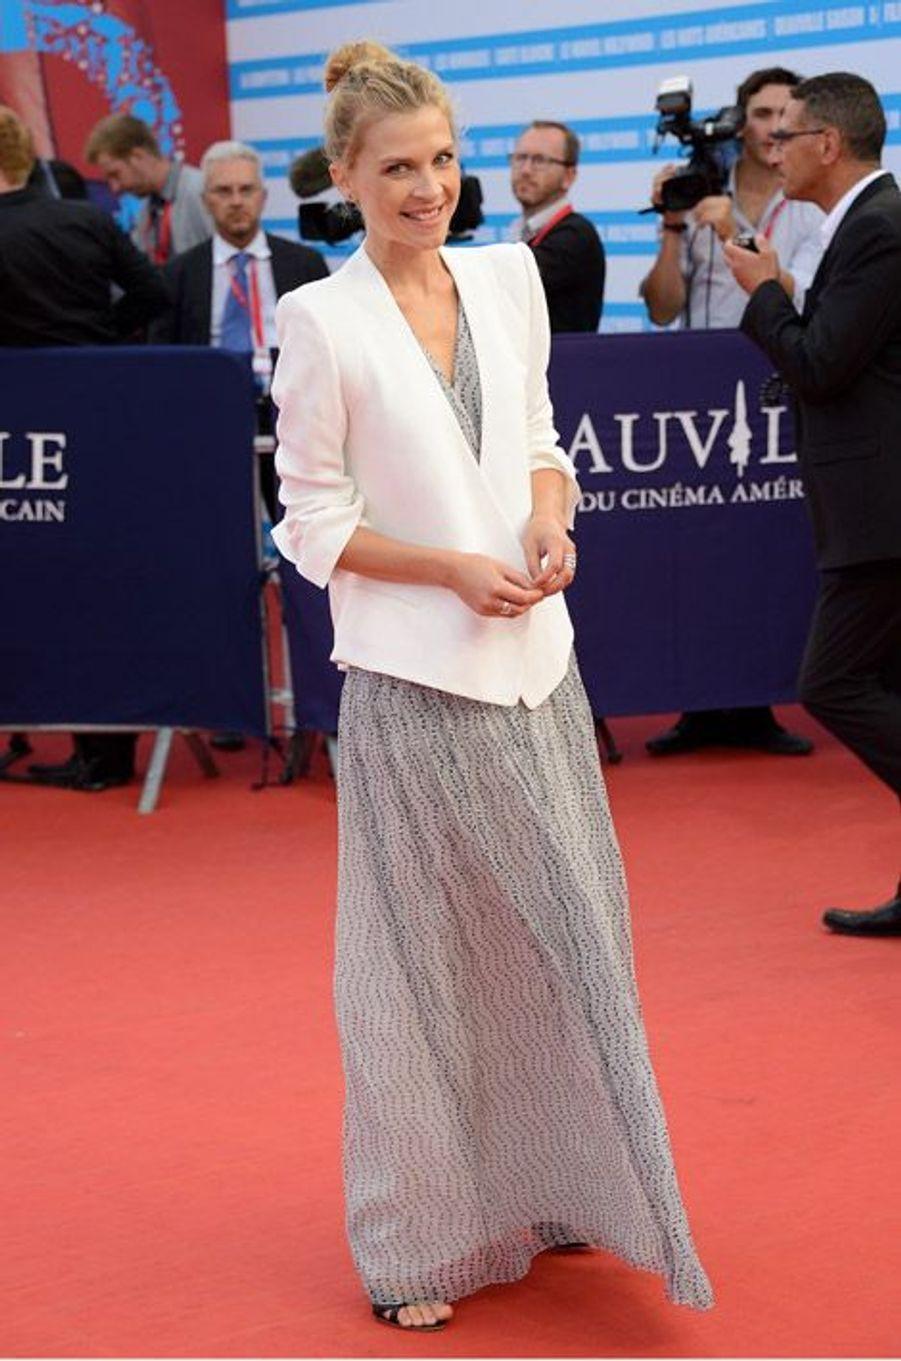 Clémence Poésy lors de la cérémonie de clôture du festival du cinéma américain de Deauville, le 13 septembre 2014